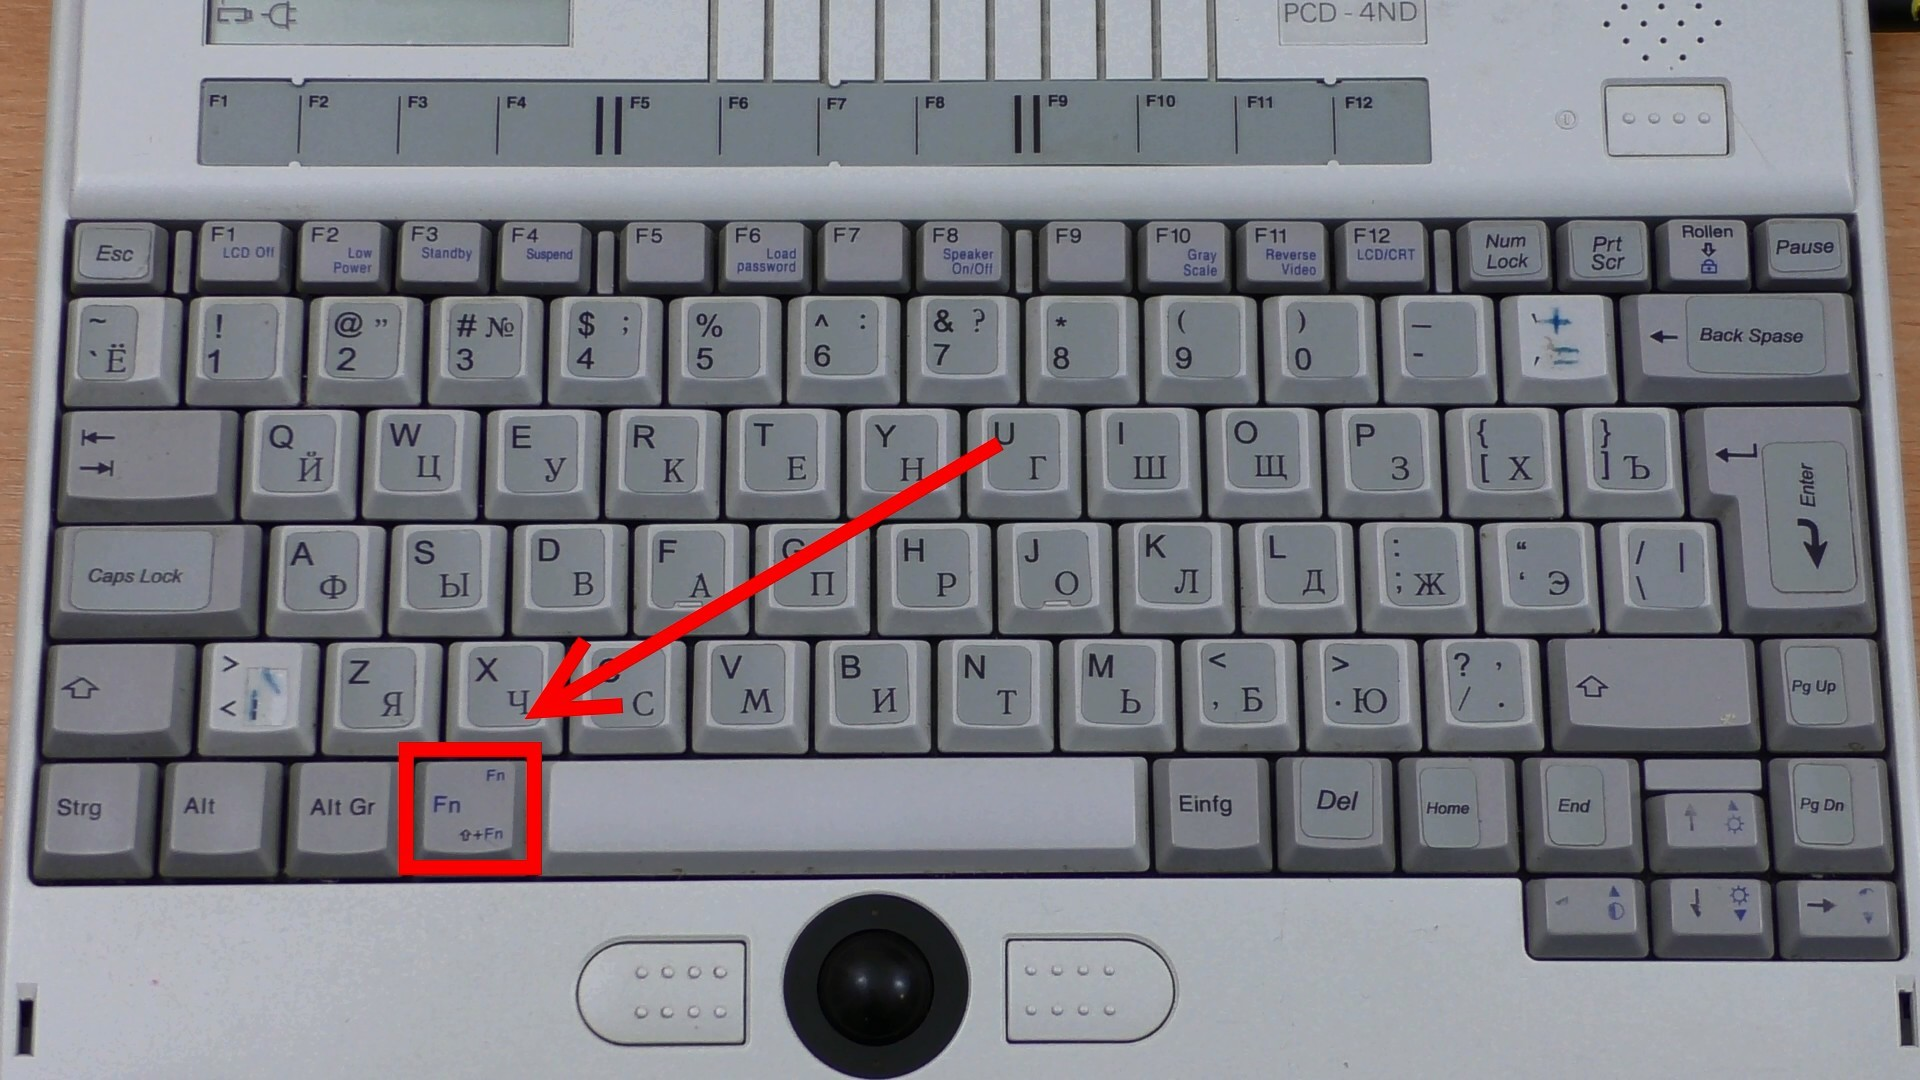 Мощь 80486 на Siemens Nixdorf PCD-4ND (текст и видео — на выбор) - 21